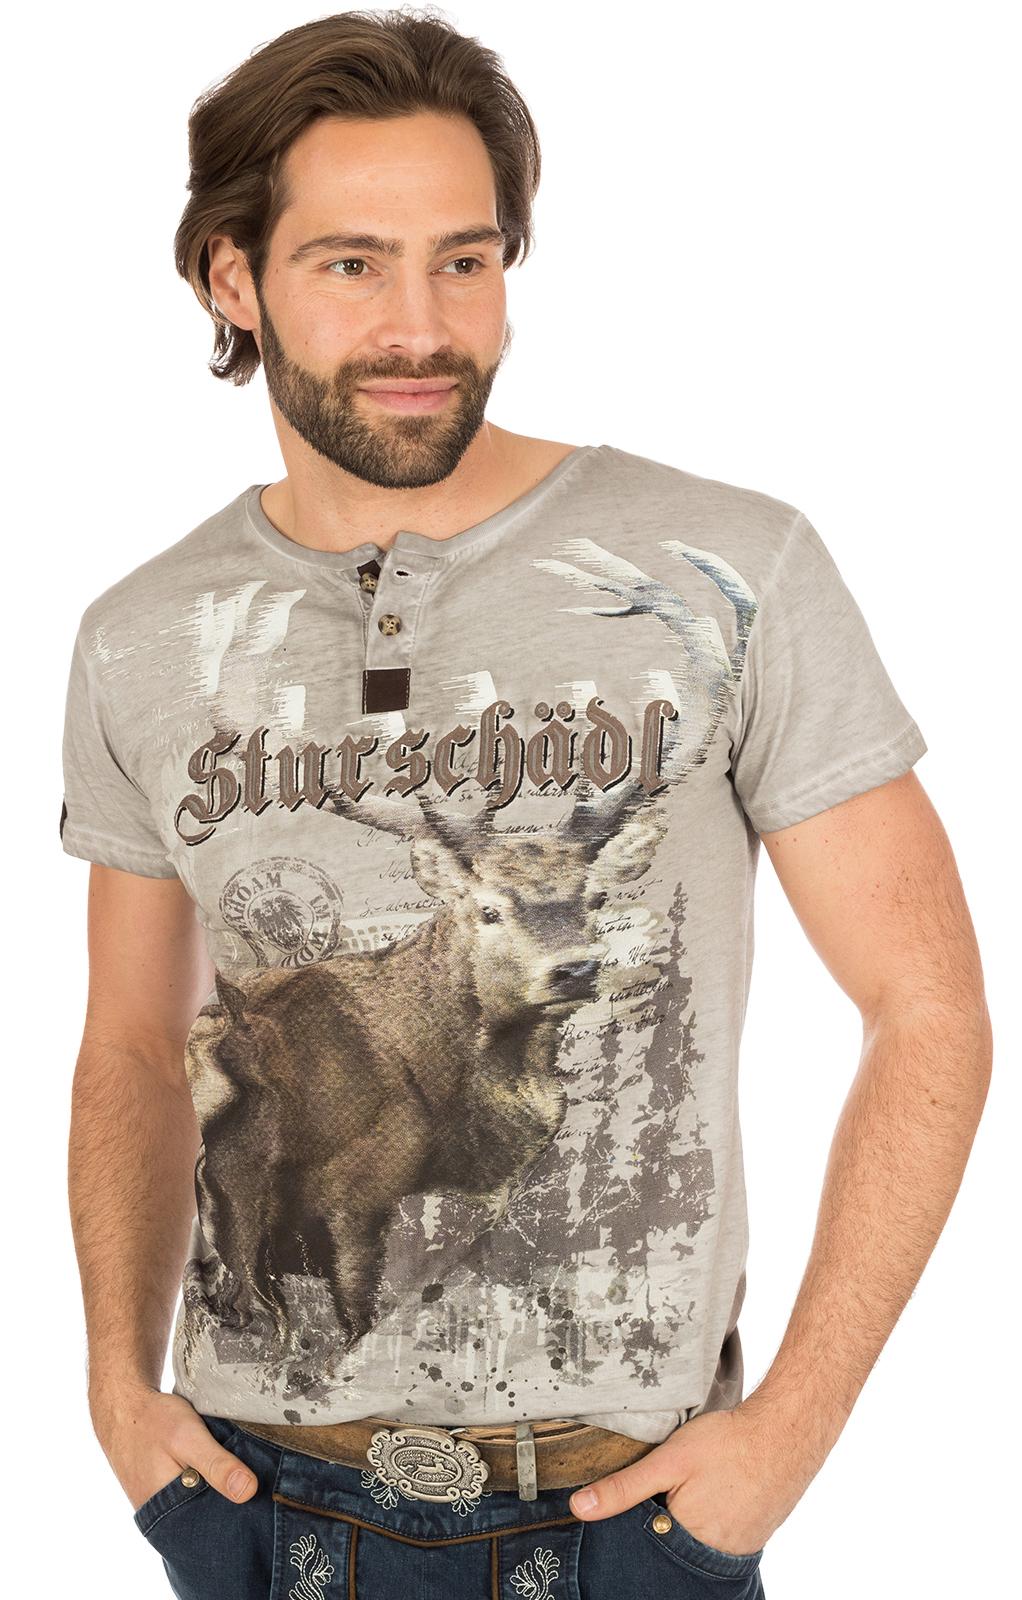 Trachten T-Shirt M28 STURSCHÄDL grau von Marjo